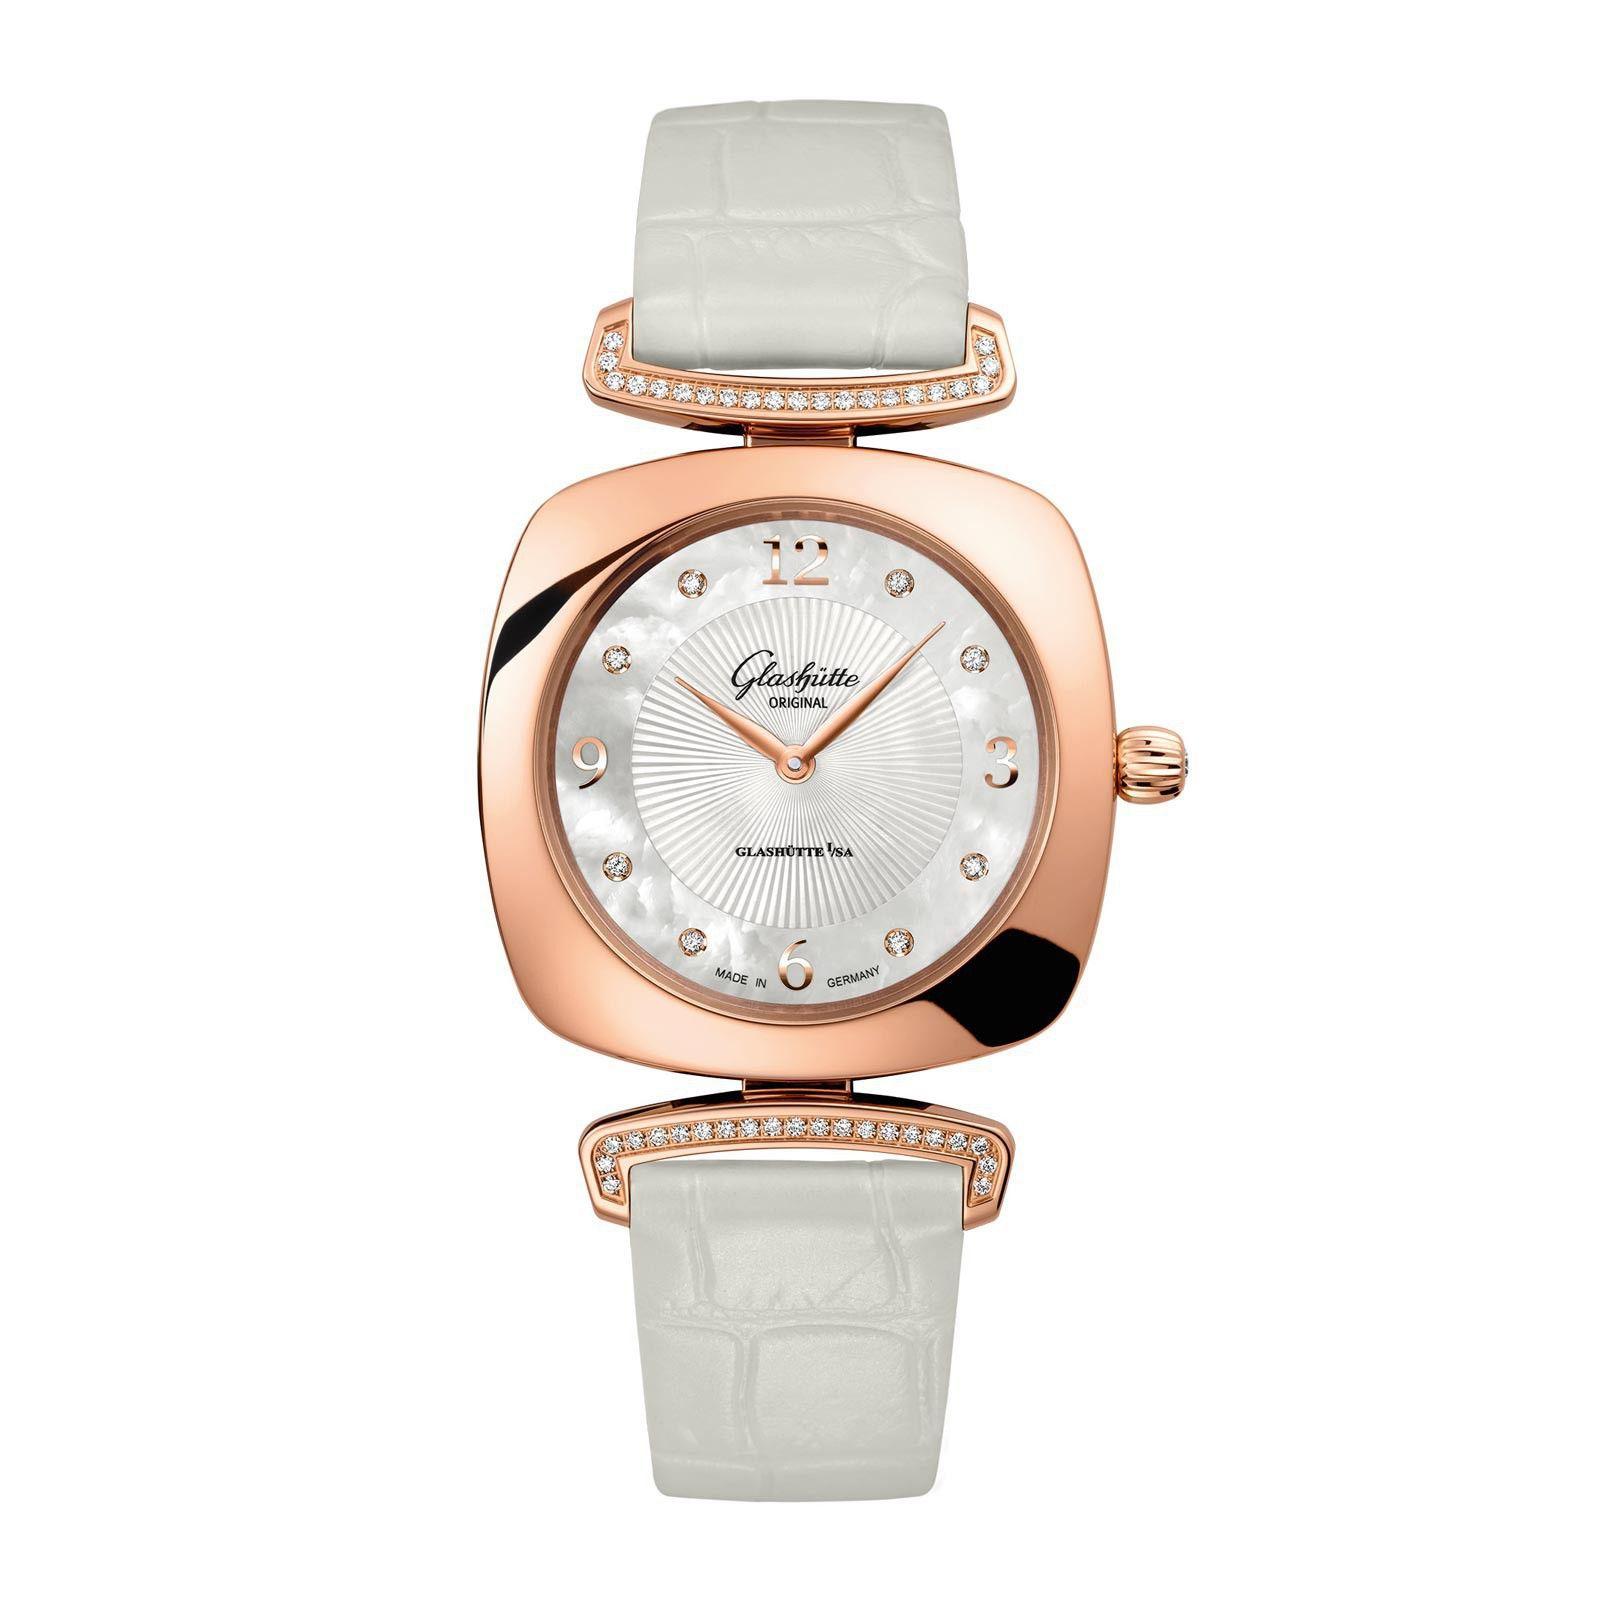 Glashütte Pavonina Watch